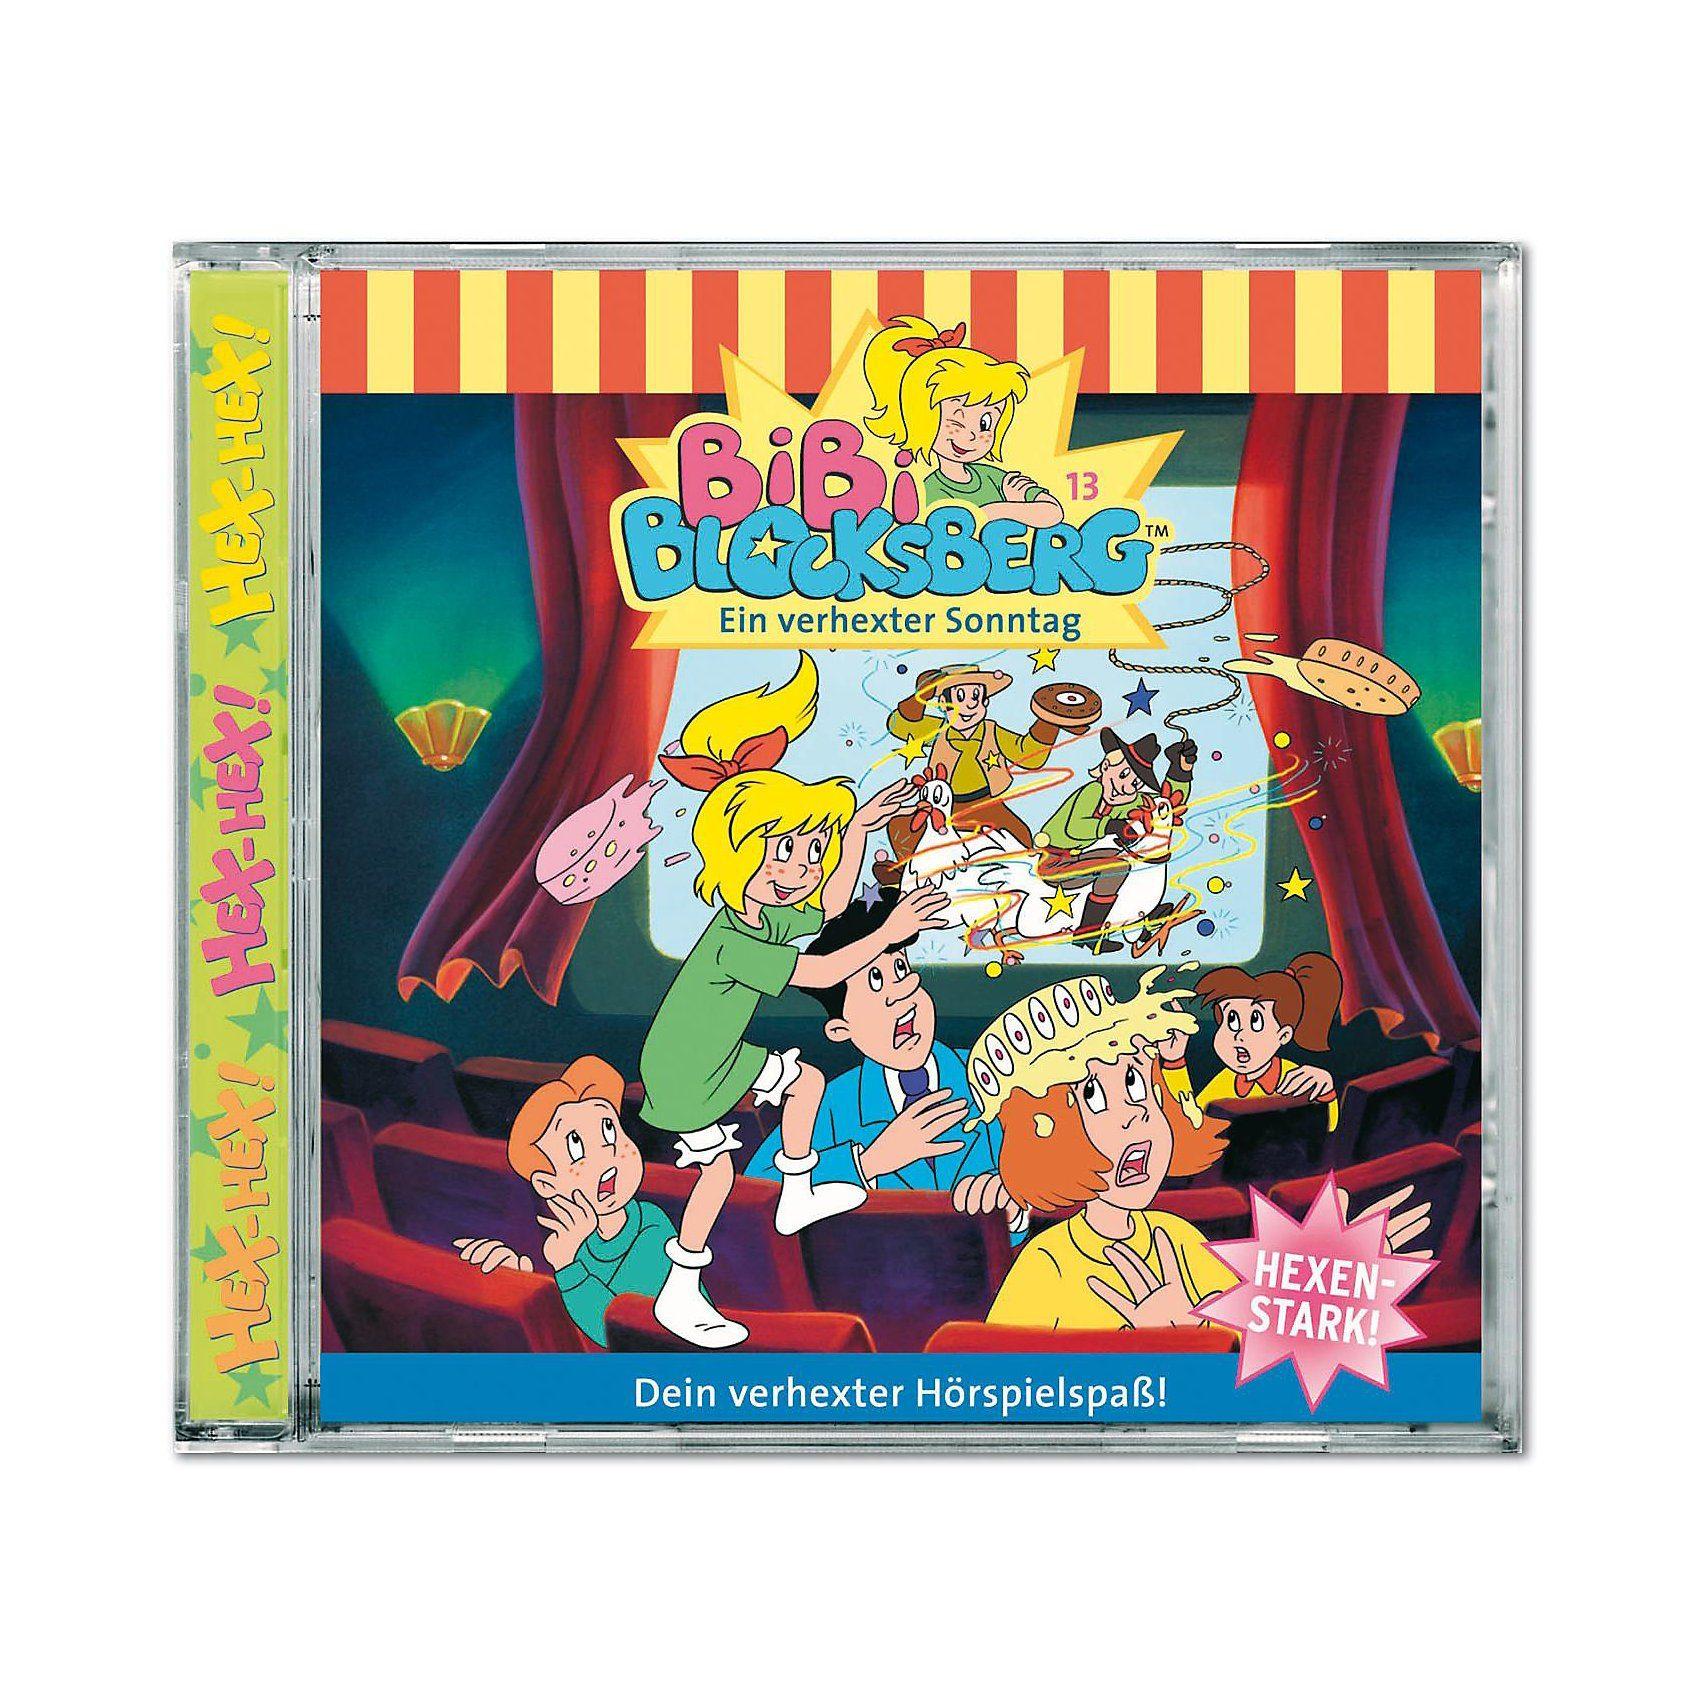 Kiddinx CD Bibi Blocksberg 13: Ein verhexter Sonntag